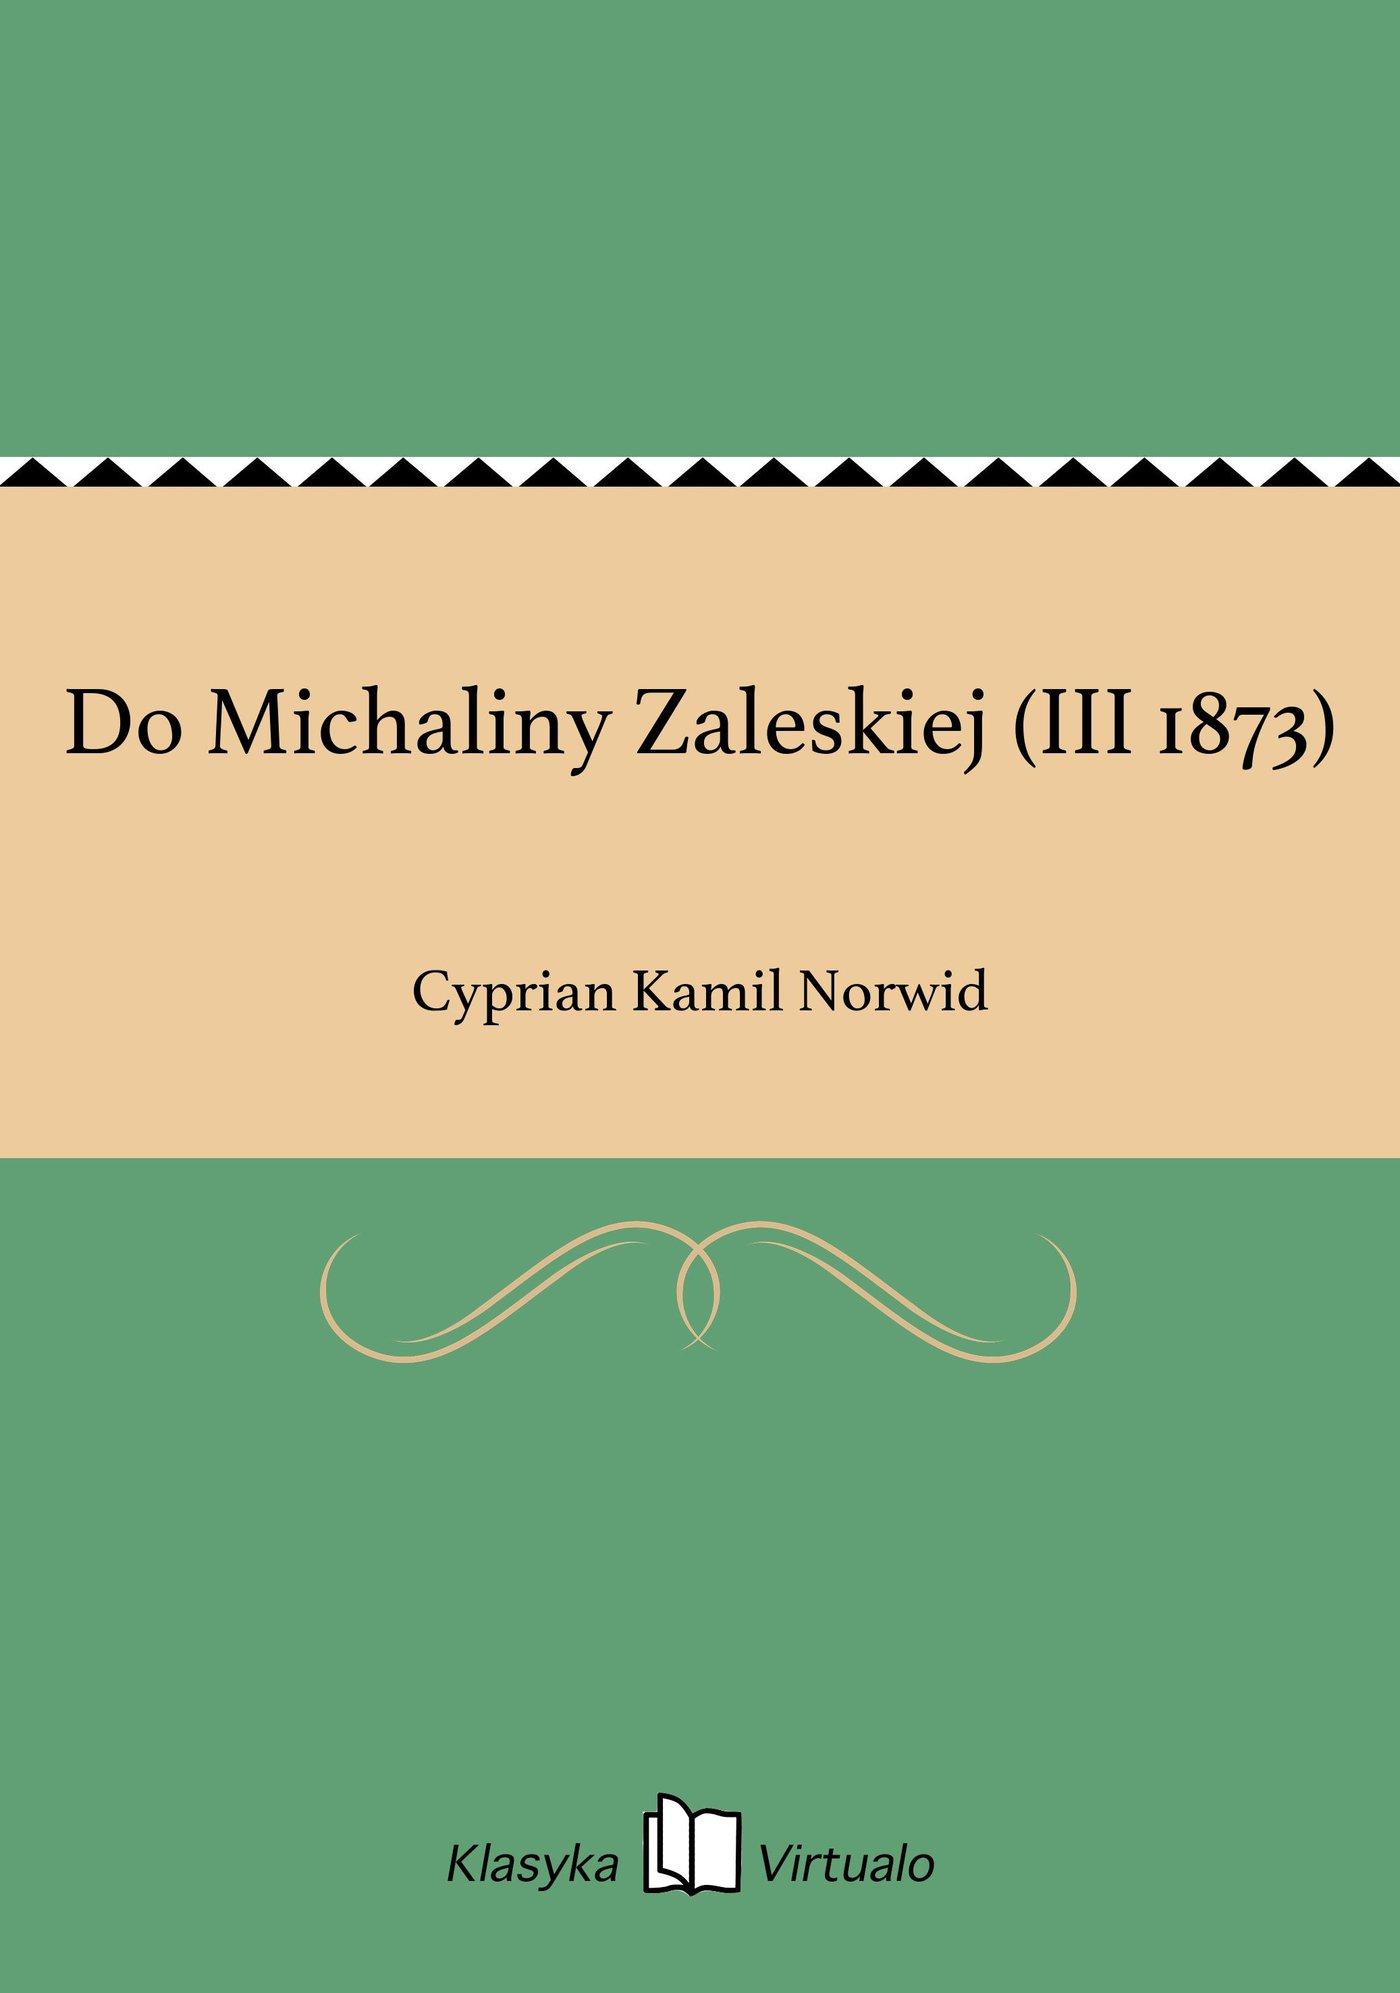 Do Michaliny Zaleskiej (III 1873) - Ebook (Książka EPUB) do pobrania w formacie EPUB